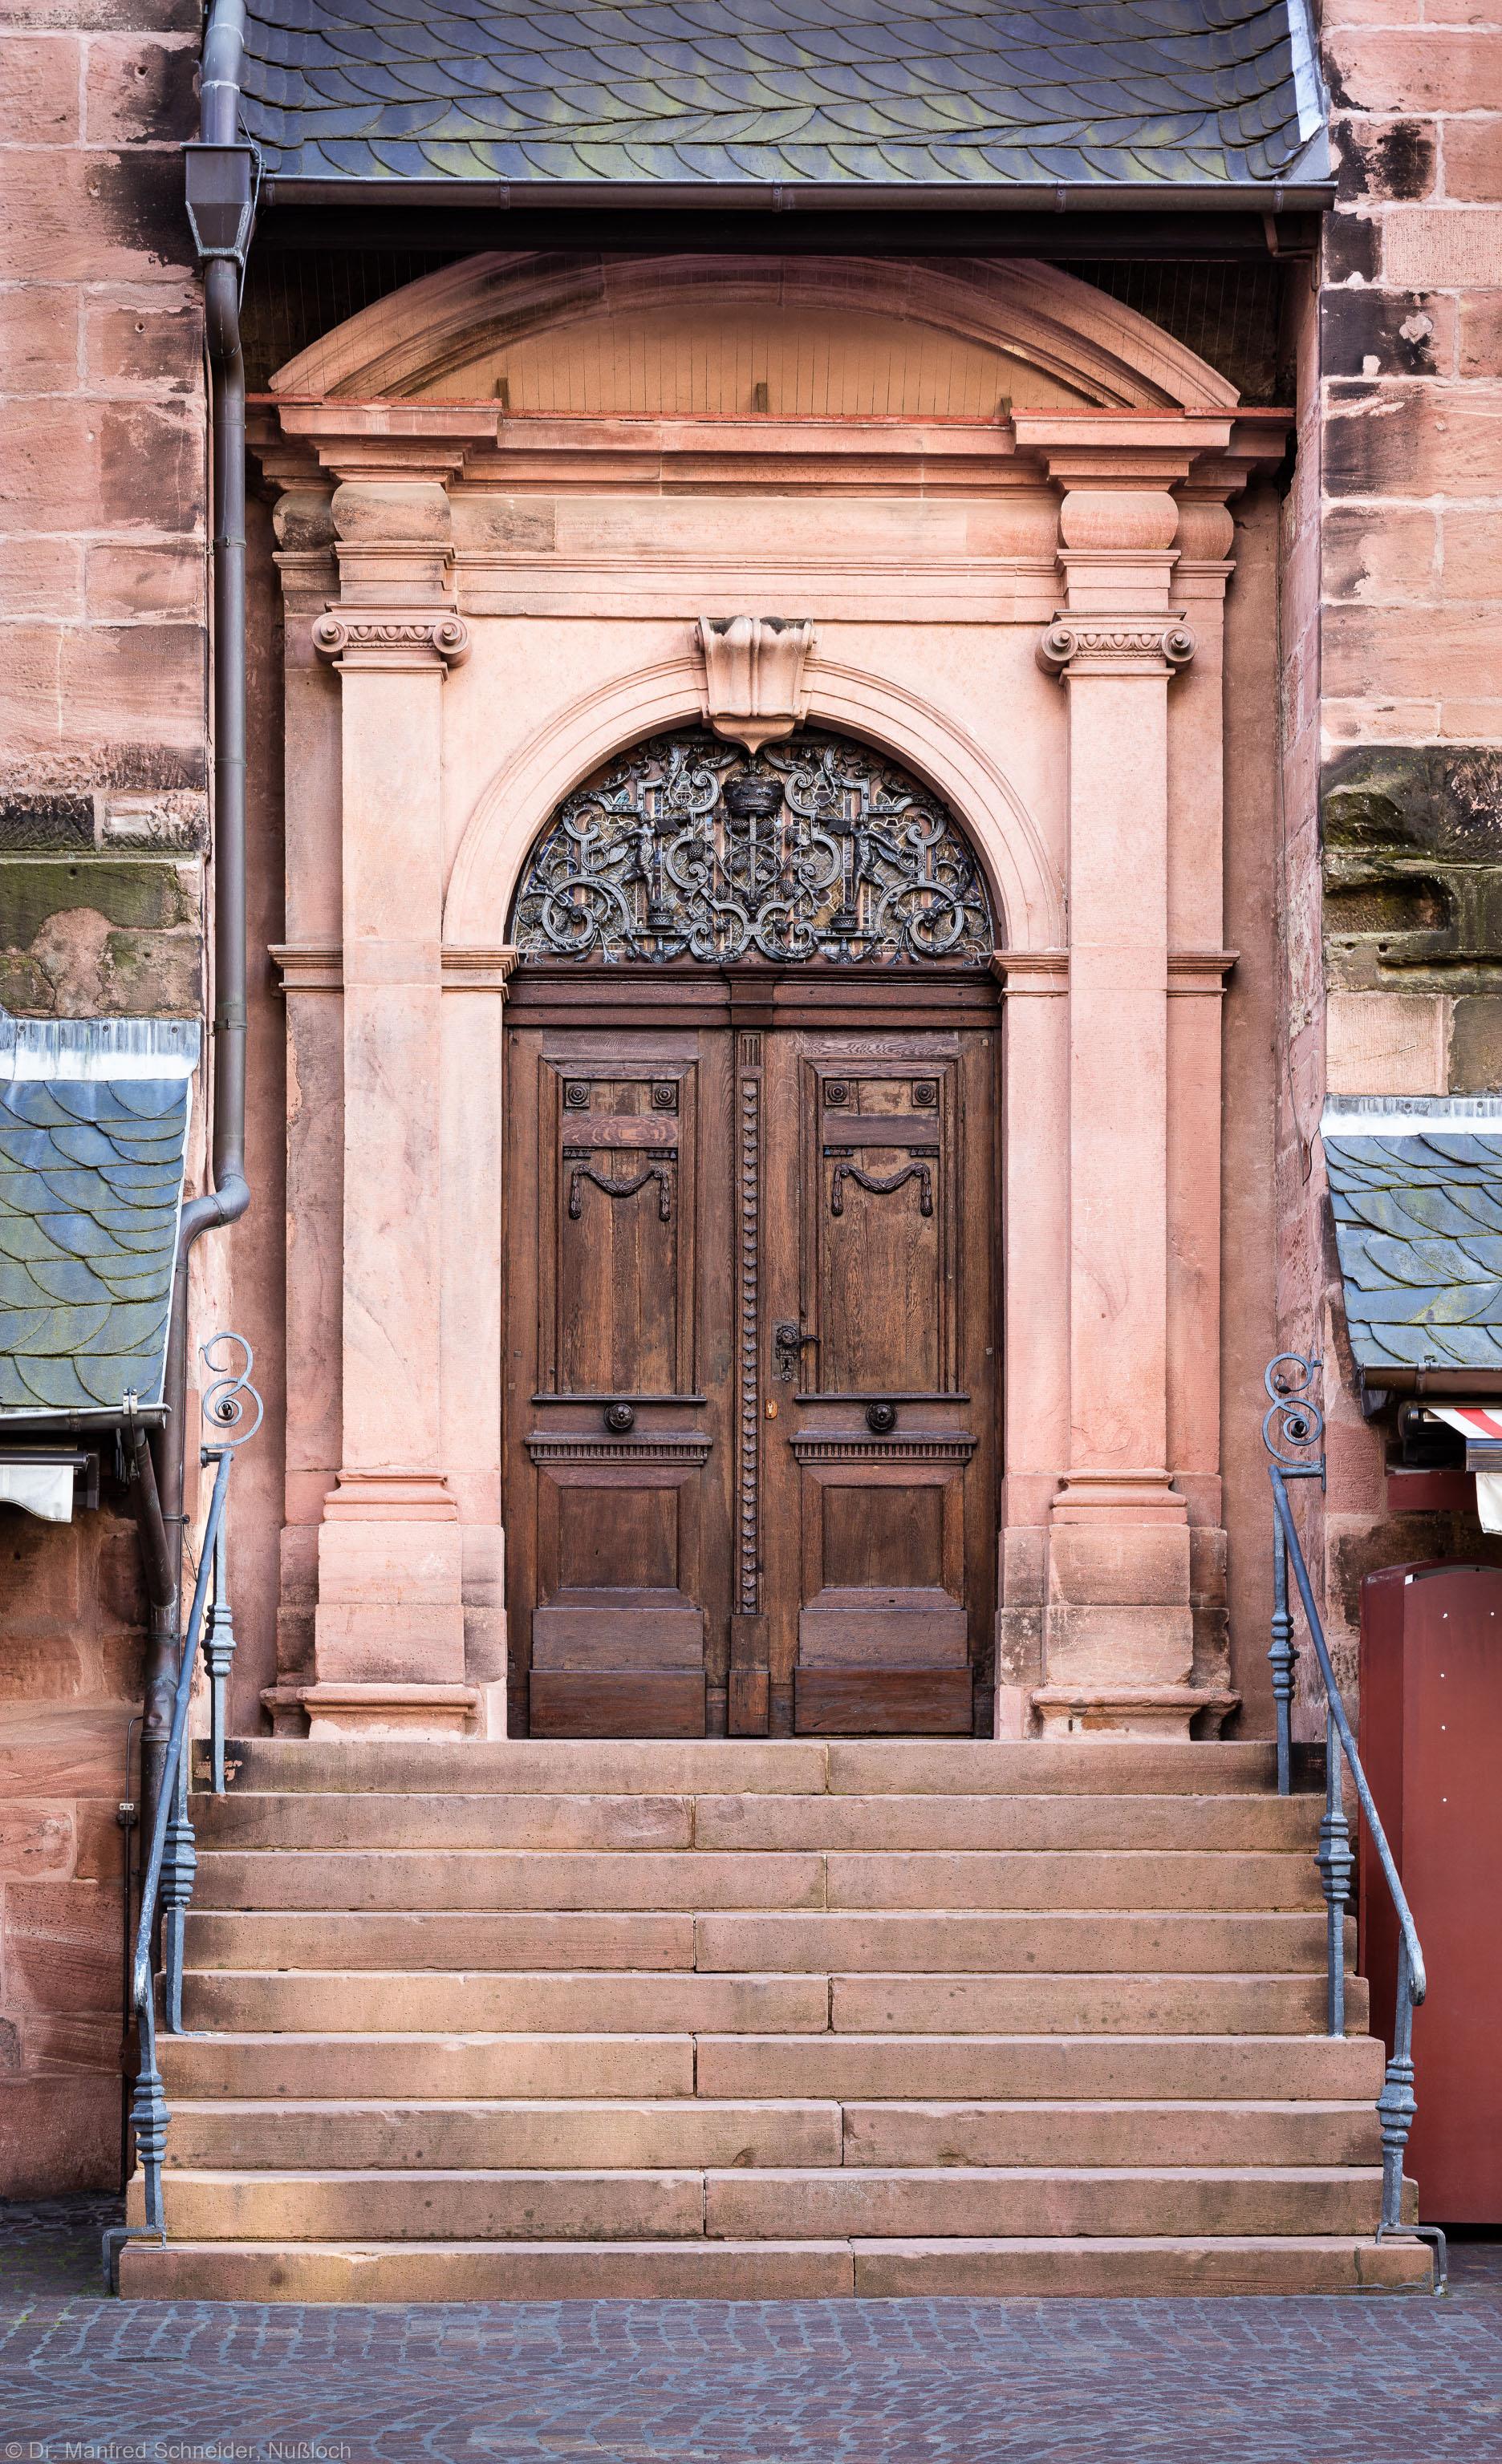 Heidelberg - Heiliggeistkirche - Nordseite - Mittleres Nordportal - Blick auf das gesamte Portal mit der Treppe (aufgenommen im Oktober 2015, am späten Nachmittag)